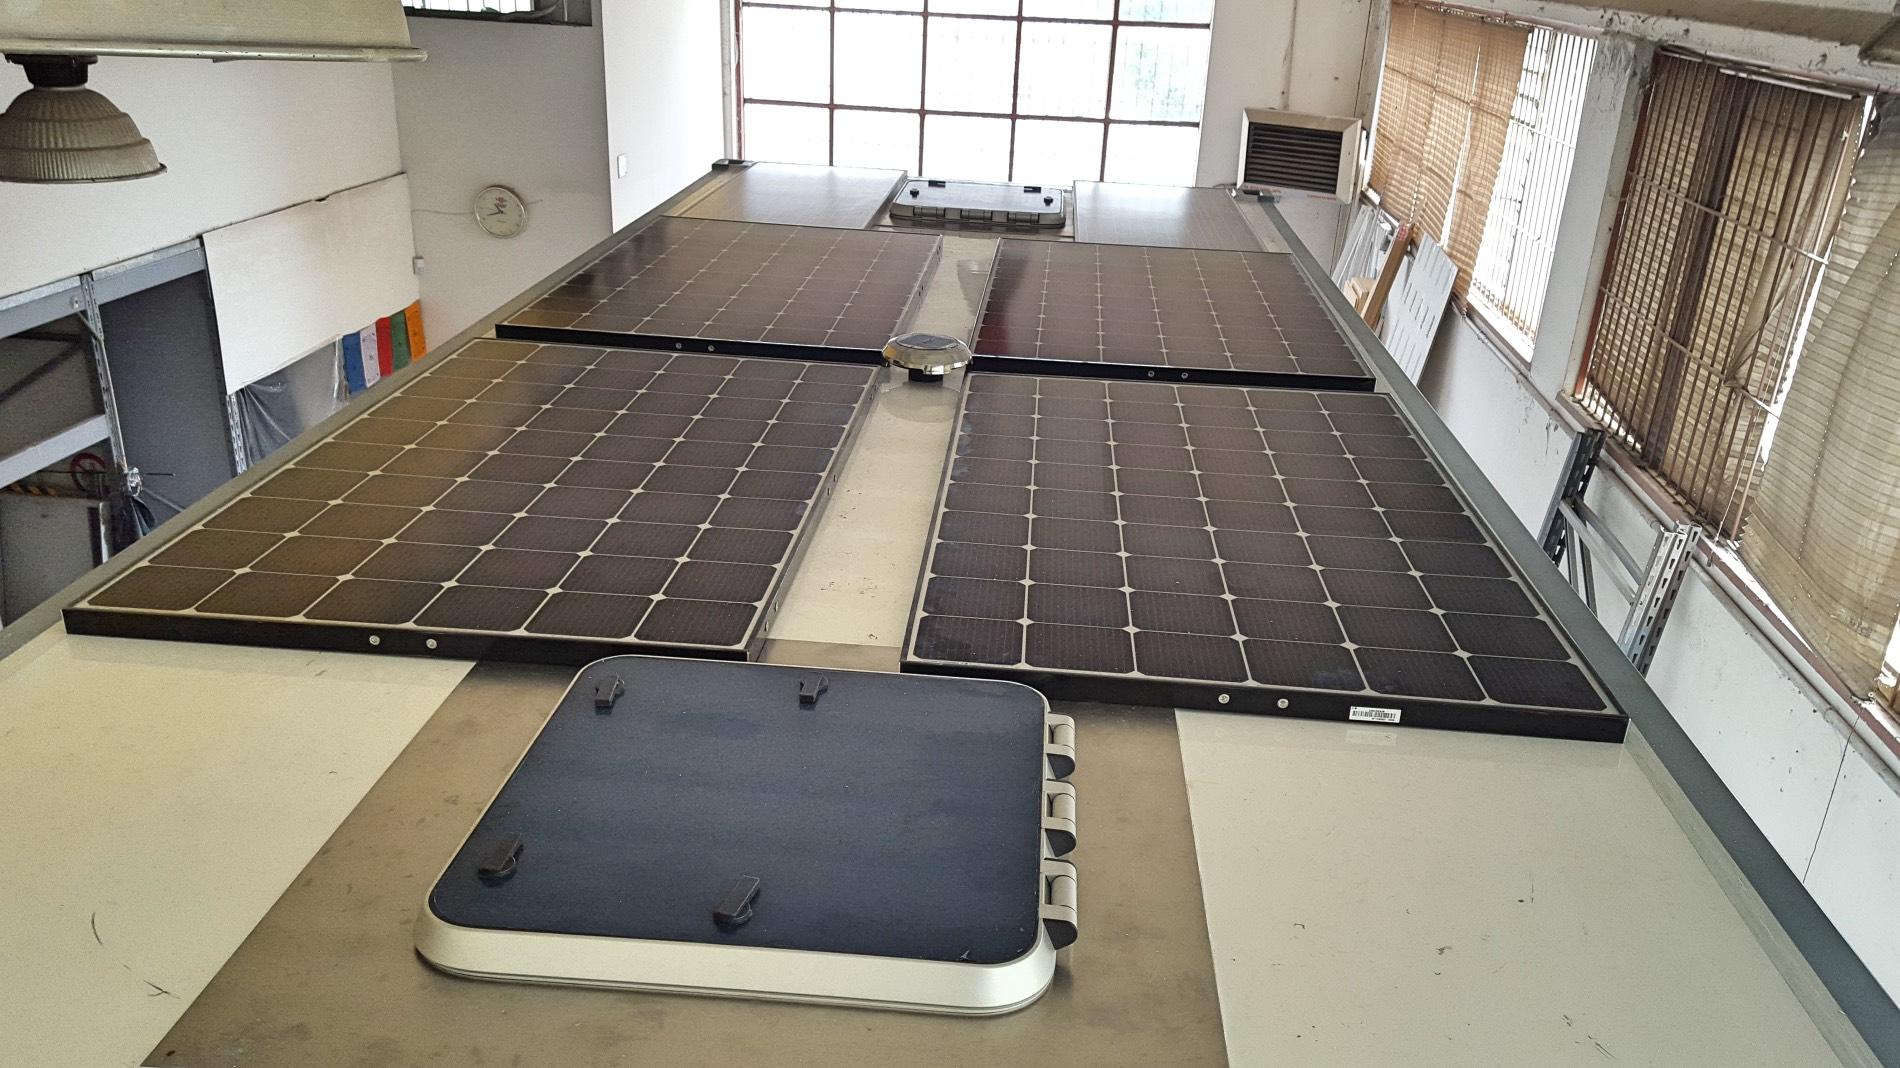 pannelli-solari-tetto-camper